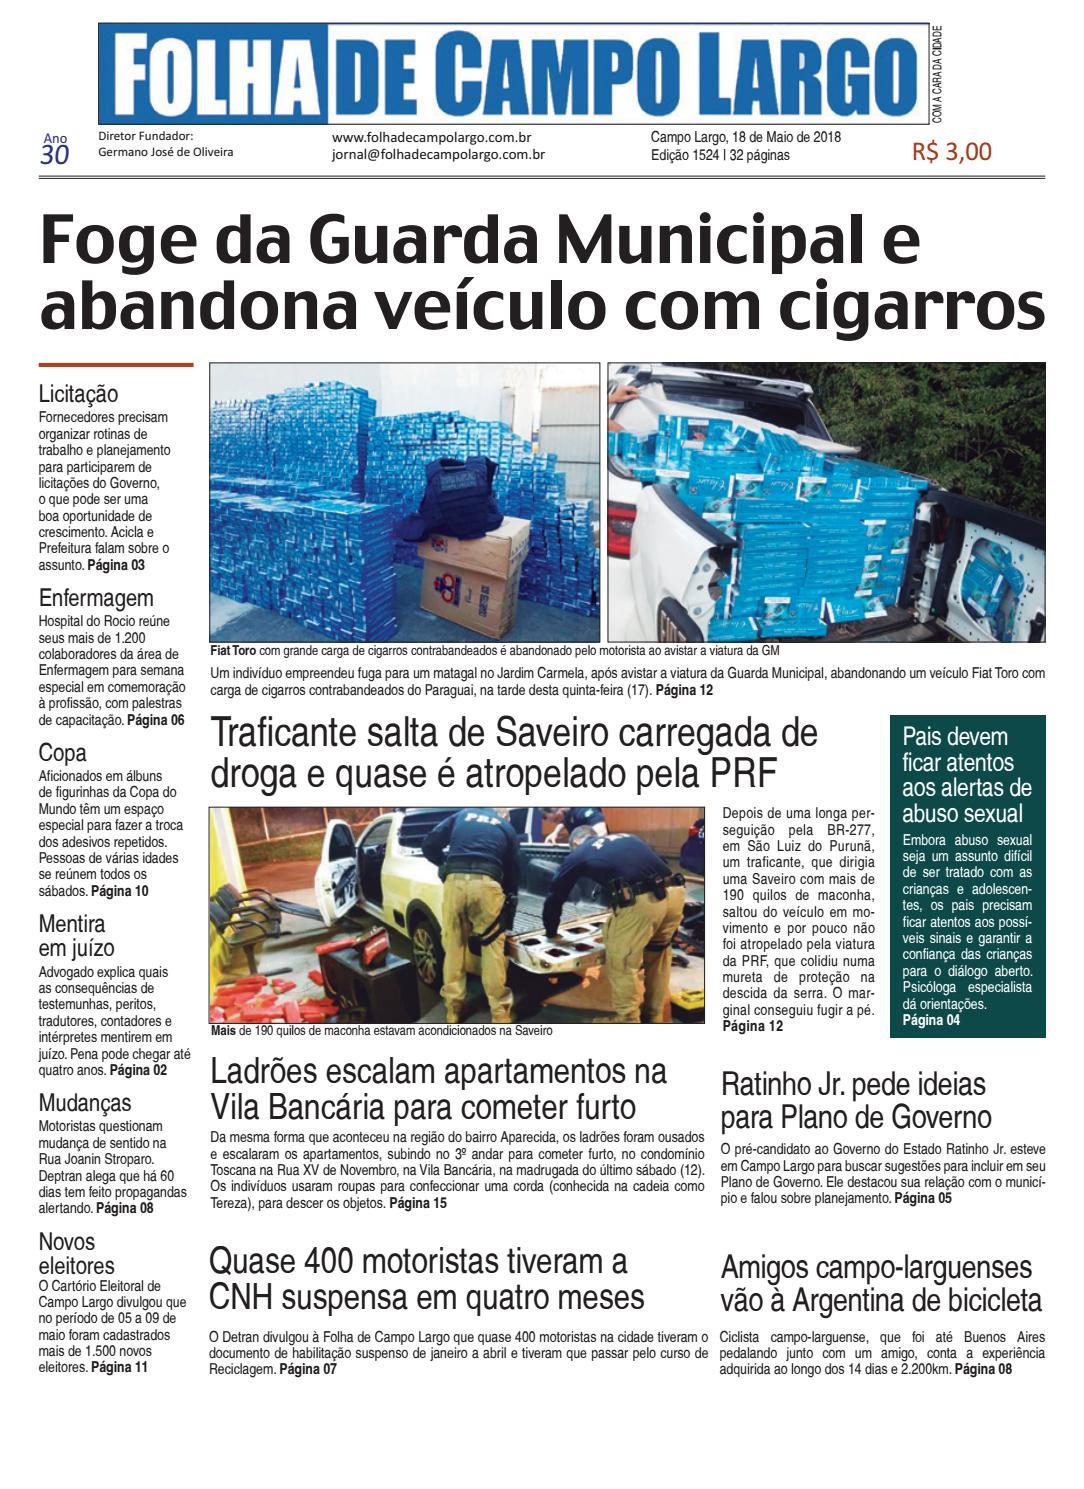 ed5e8cd9e8 Folha de Campo Largo by Folha de Campo Largo - issuu